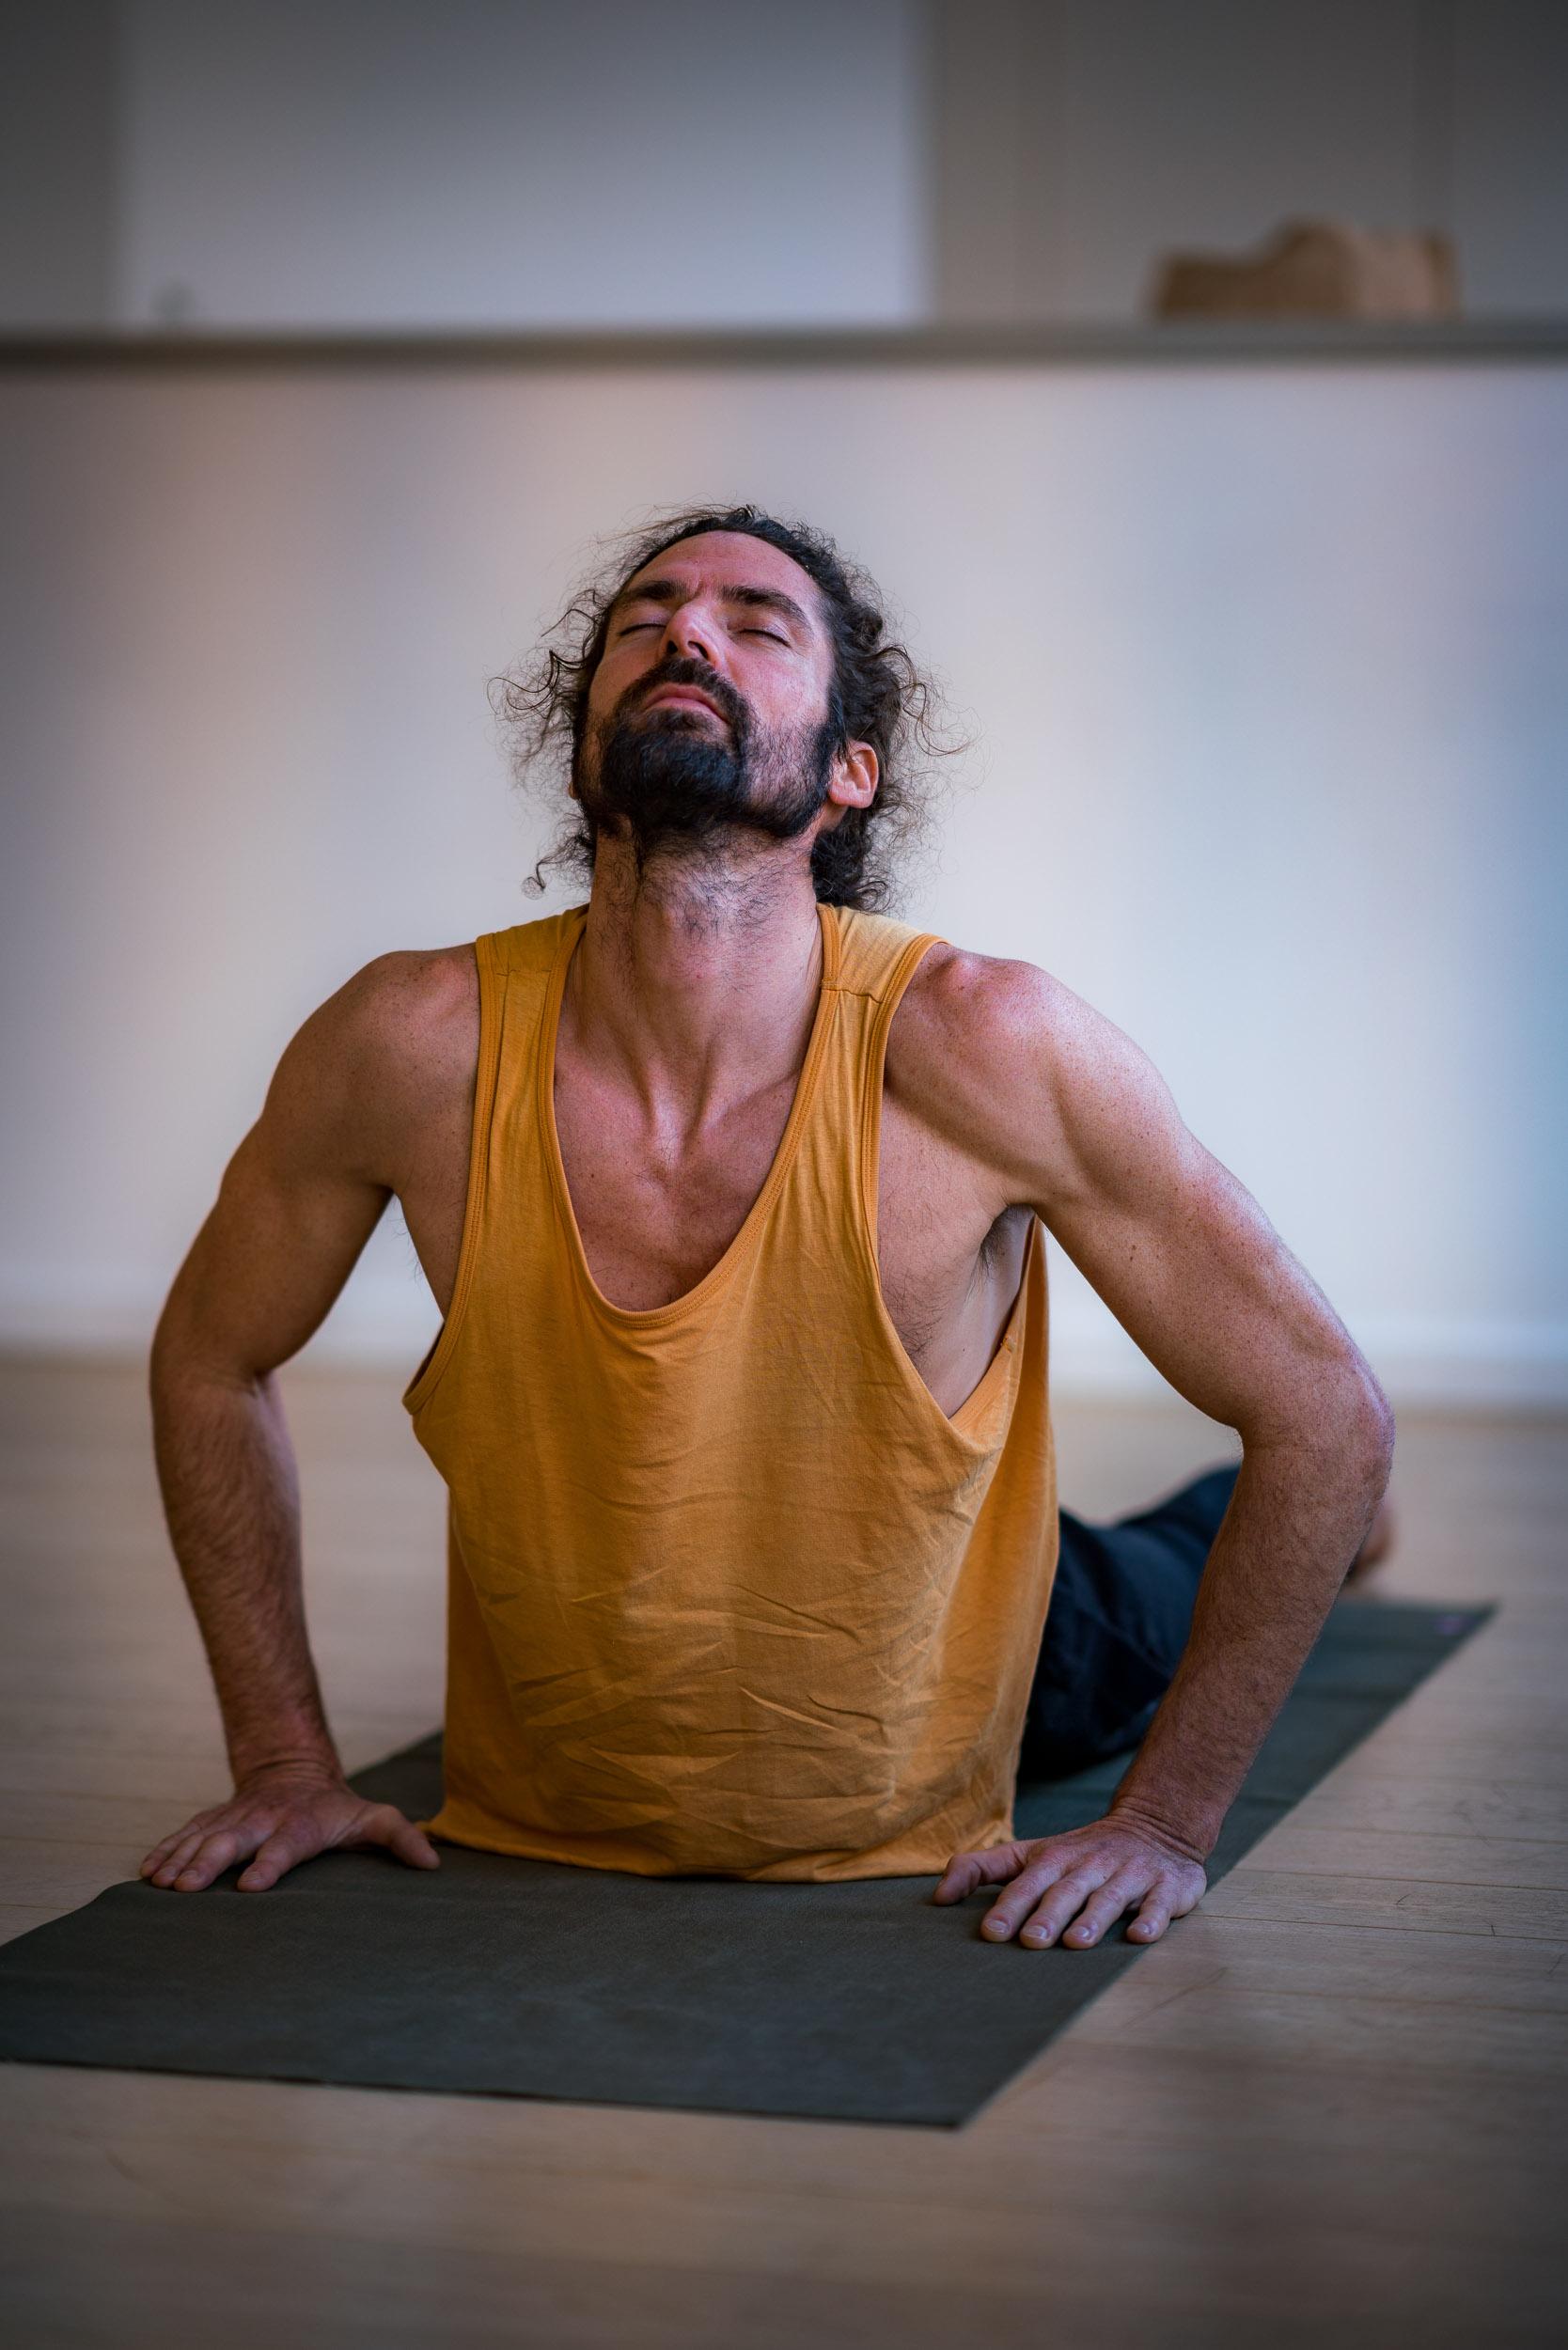 Yoga en entreprise réalisé par un photographe à Bruxelles